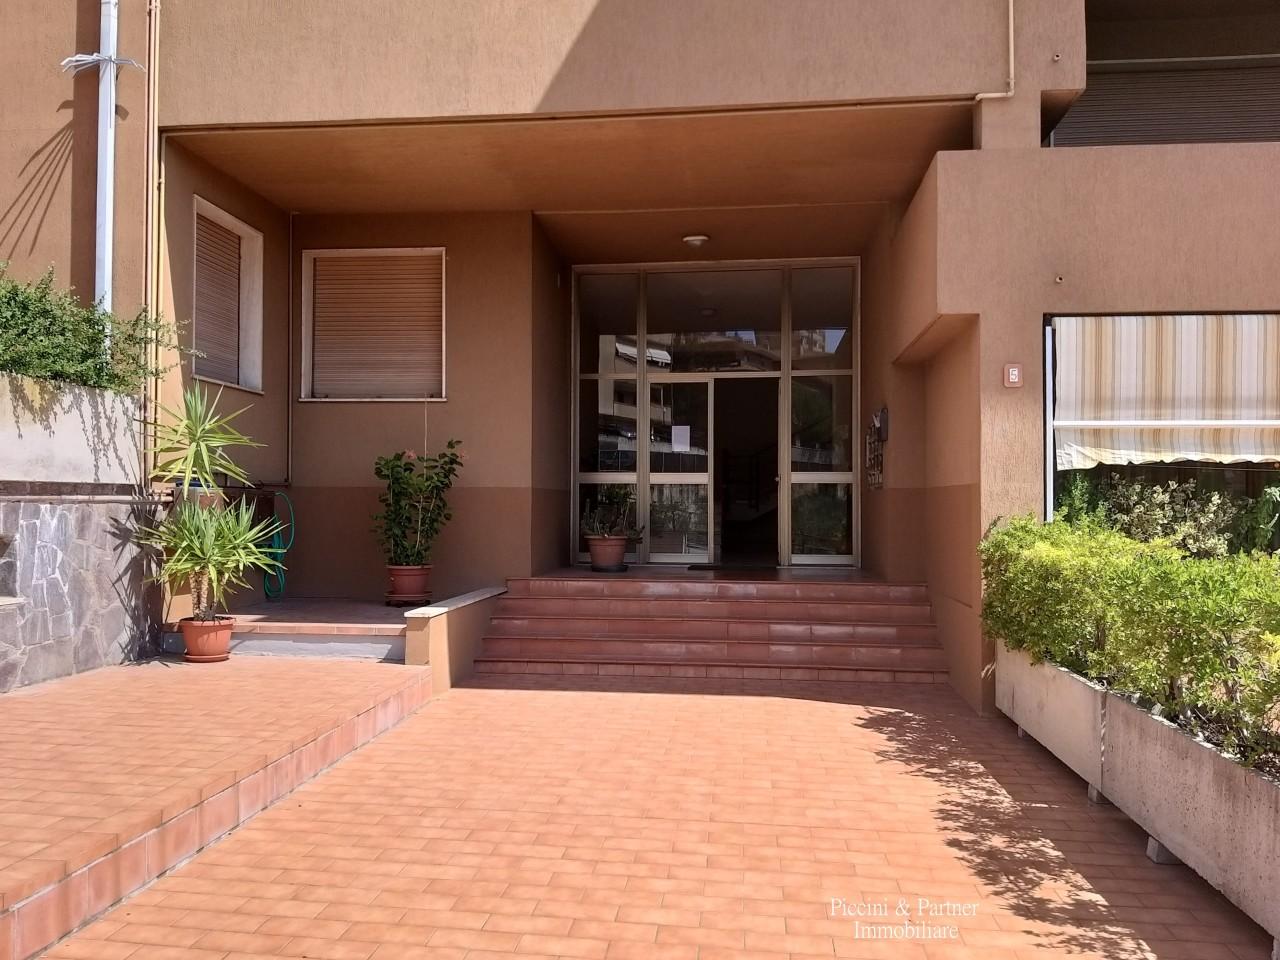 Appartamento in vendita a Magione, 5 locali, prezzo € 85.000   PortaleAgenzieImmobiliari.it